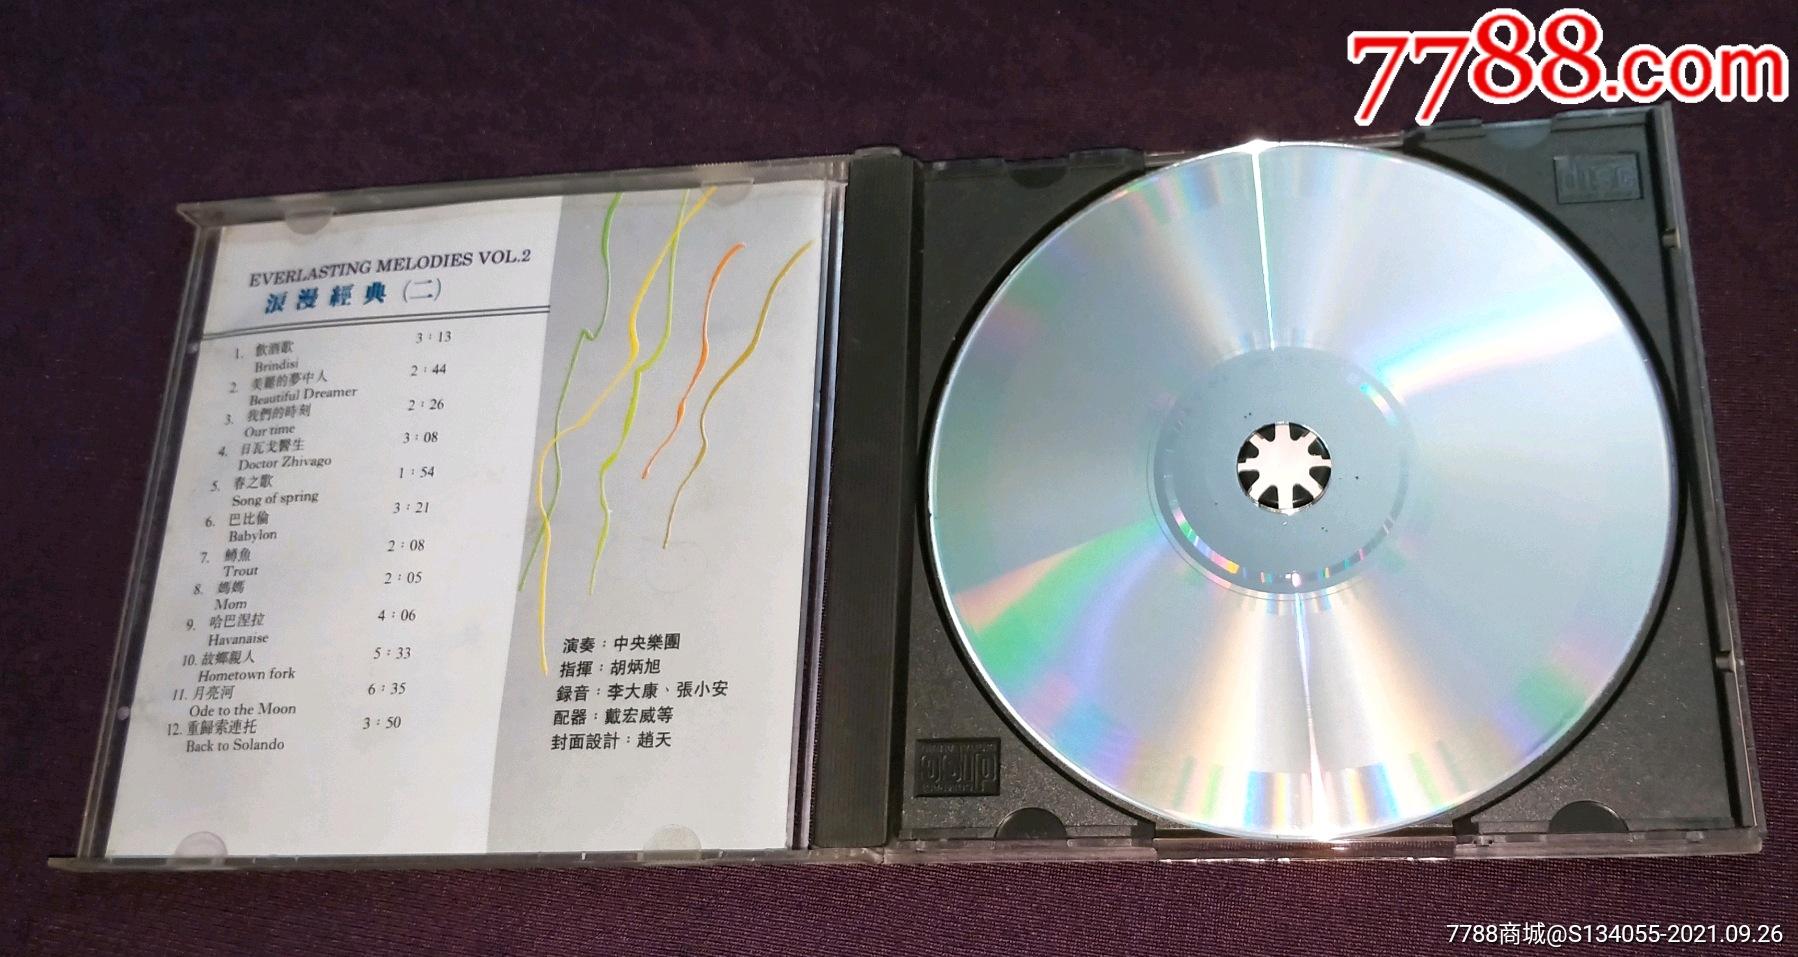 中*乐团【浪漫经典(二)】深飞银圈版没i码CD_价格60元_第3张_